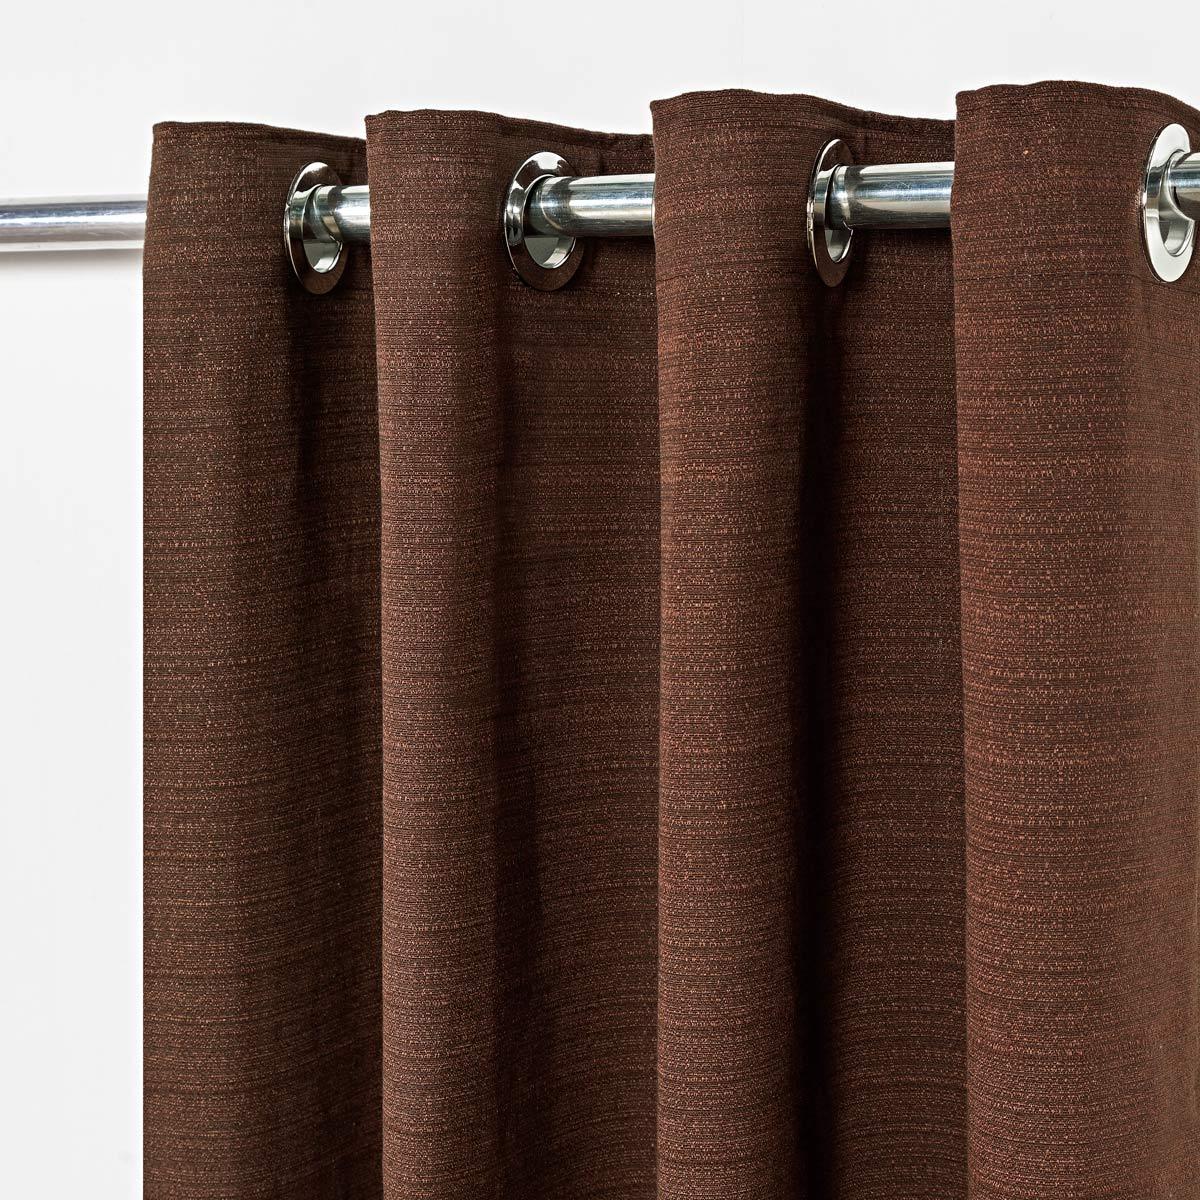 Cortina Rústica Texturizada Tabaco 2,80m X 1,60m p/ Varão simples de até 2,00m